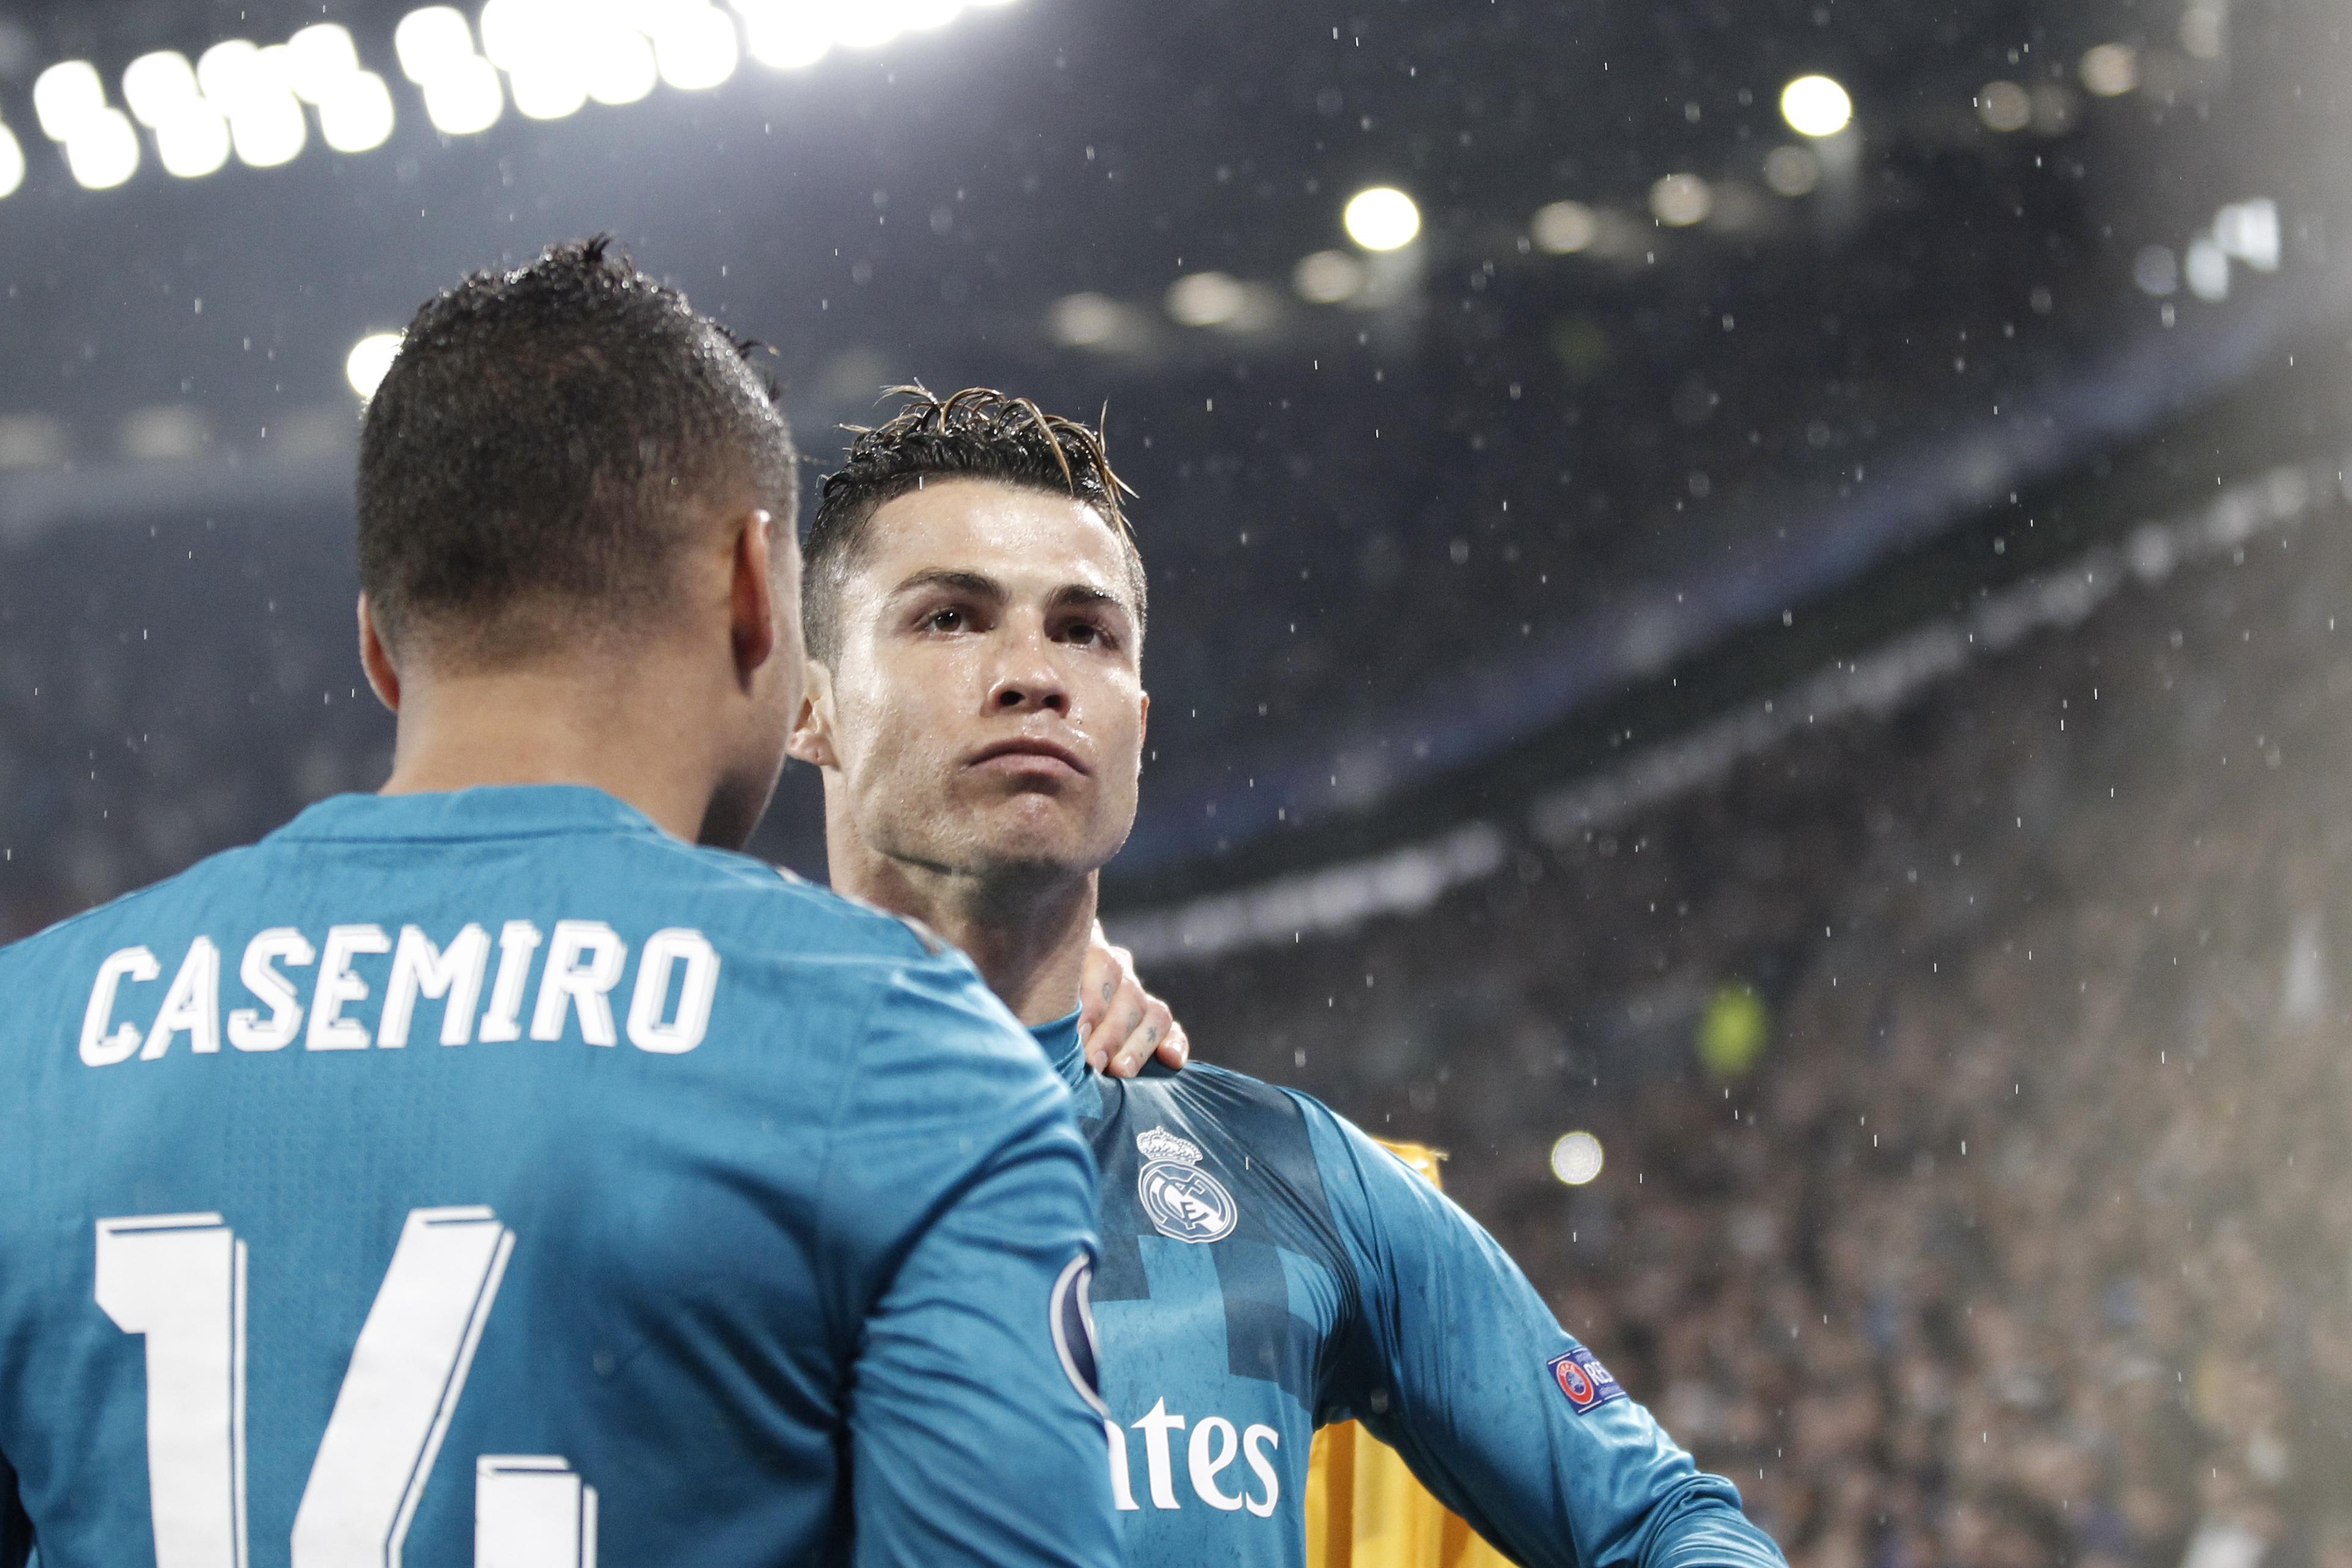 Ronaldo vezetésével lelépte a Real Madrid a Juventust Torinóban, a Bayern Sevillában nyert